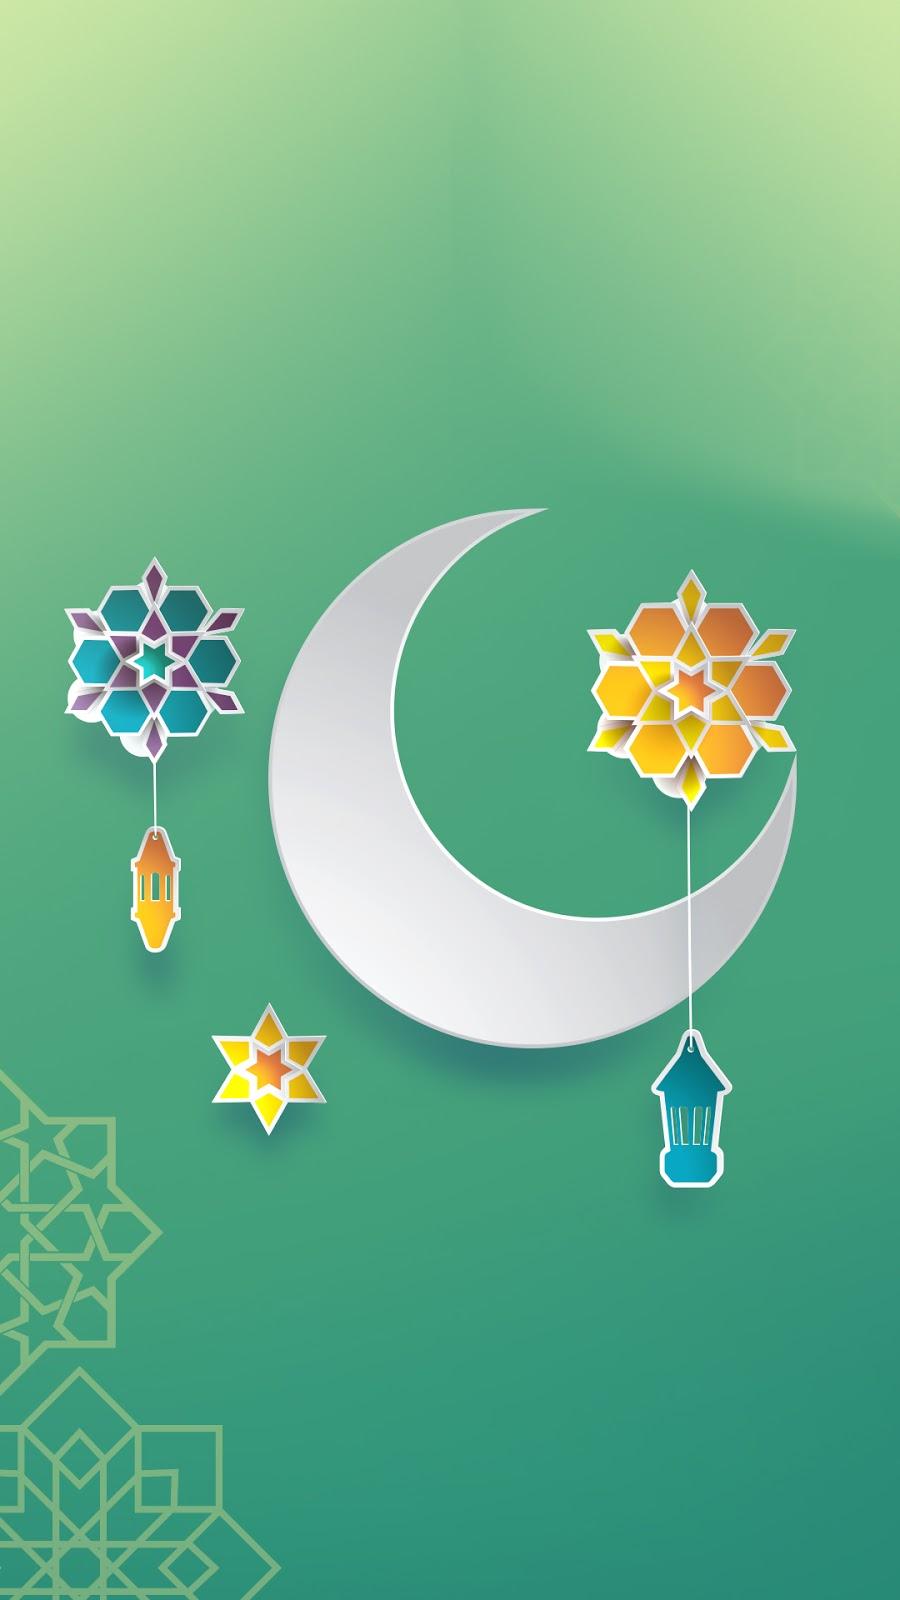 Wallpape Gambar ramadhan keren bulan sabit warna hijau